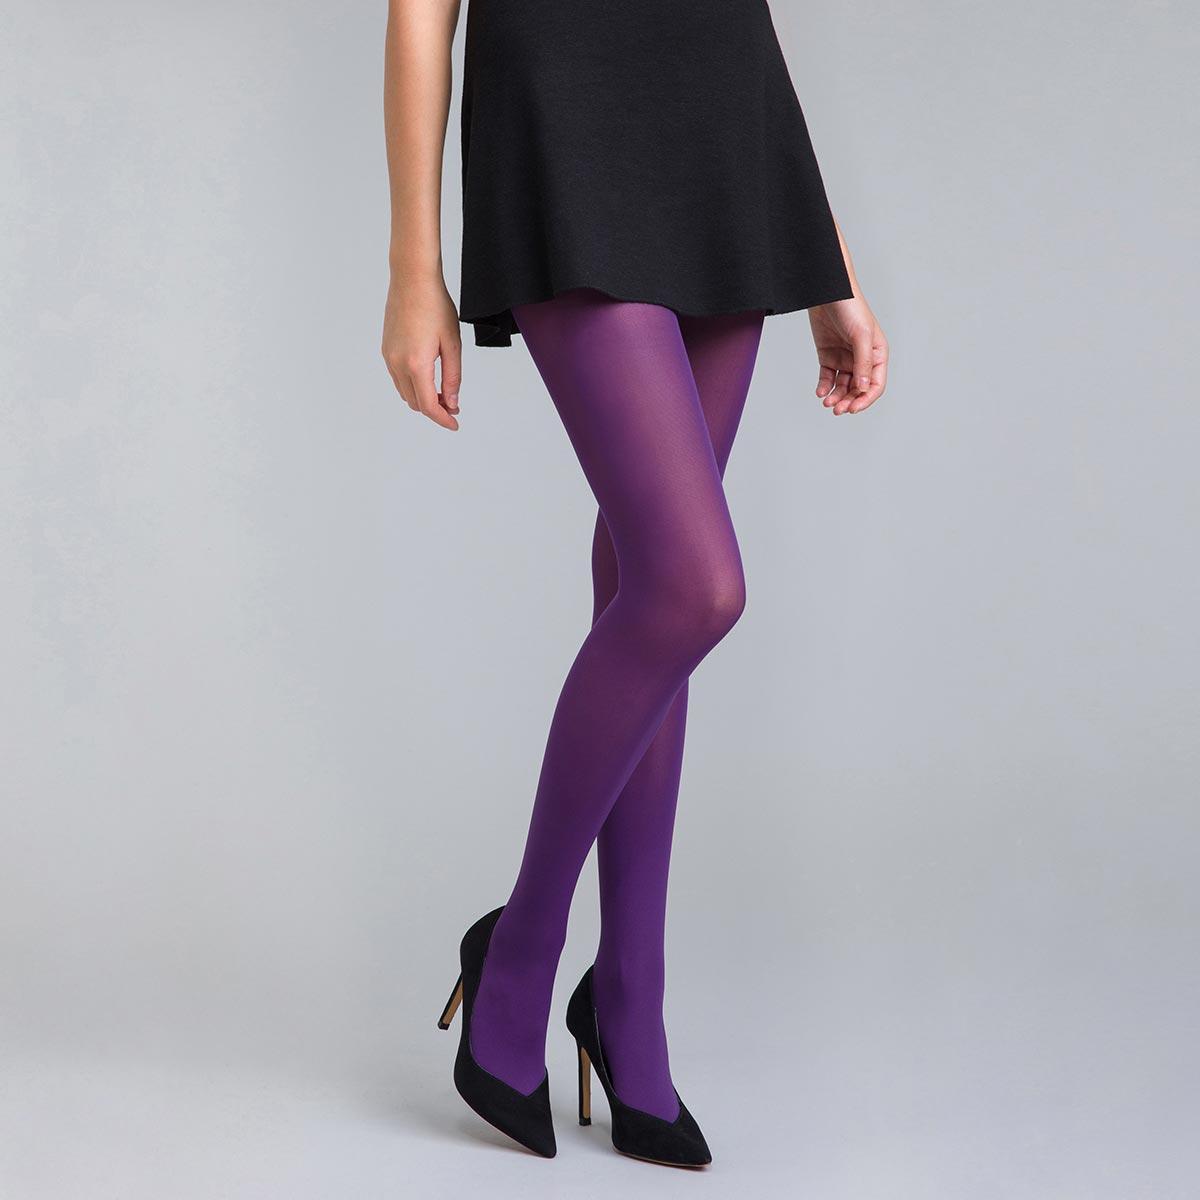 Collant opaque velouté violet nocturne 50D Style